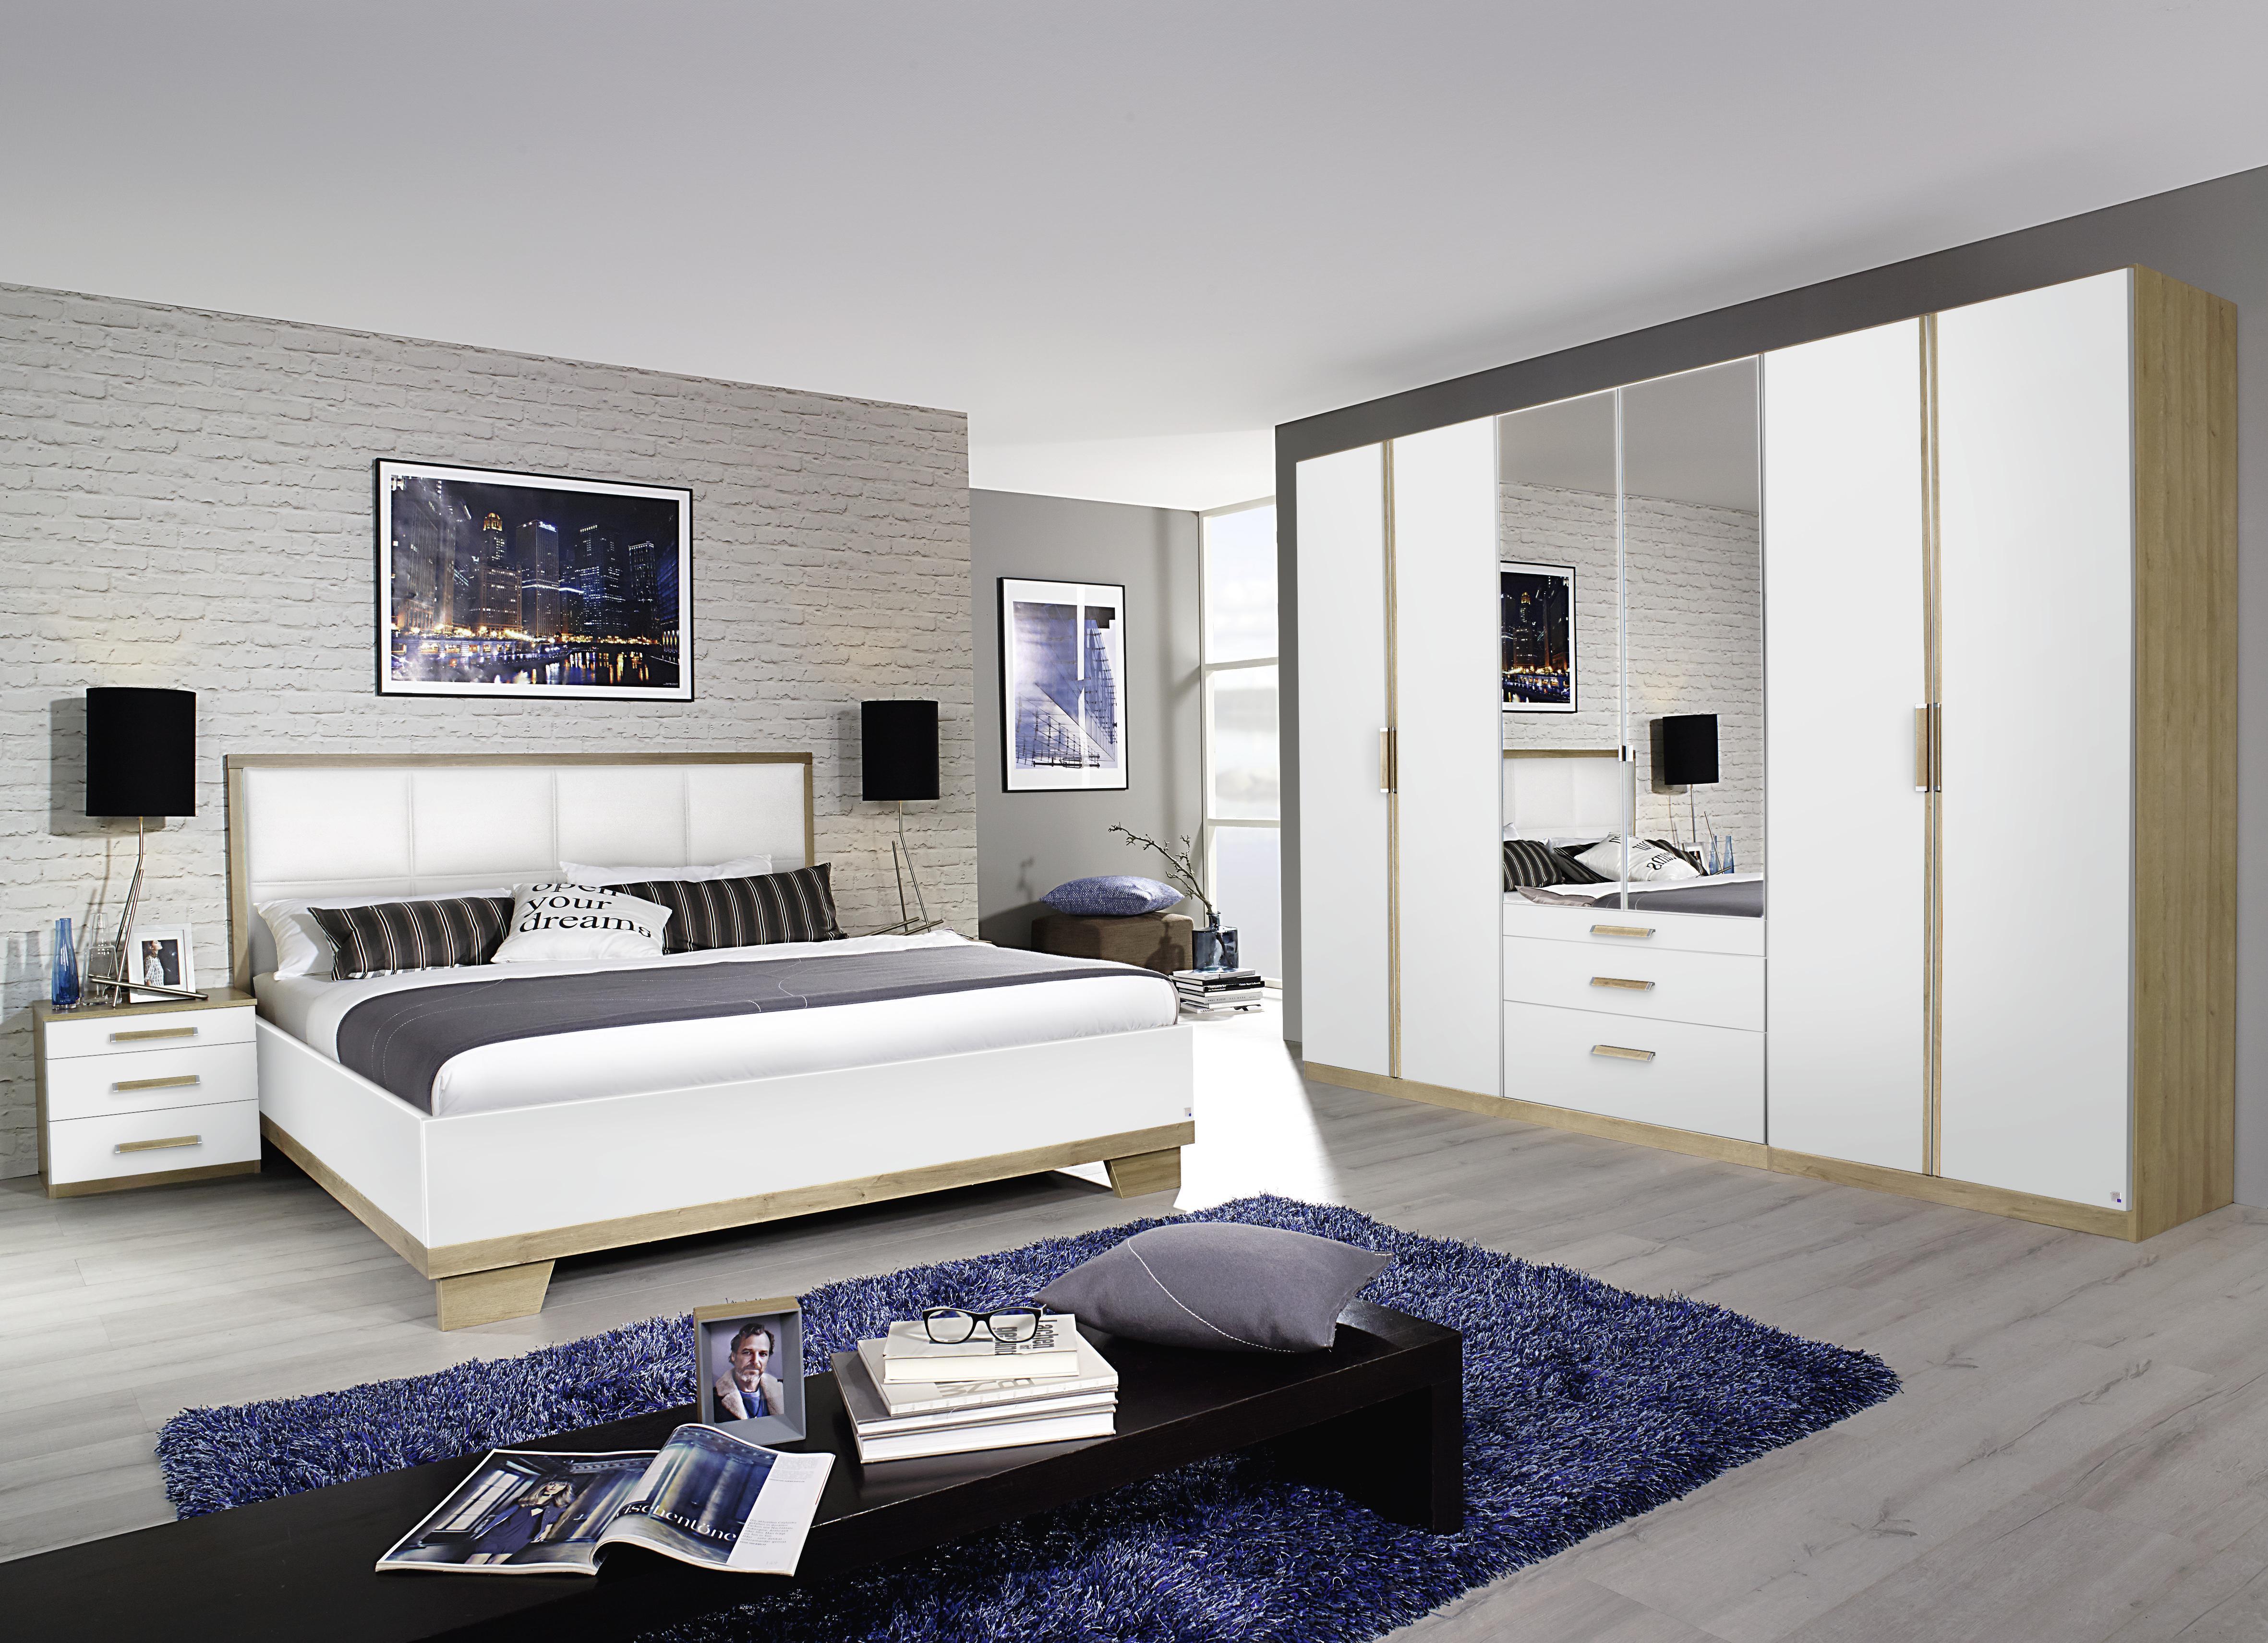 rauch steffen schlafzimmer schlafzimmer schr nke von ikea. Black Bedroom Furniture Sets. Home Design Ideas